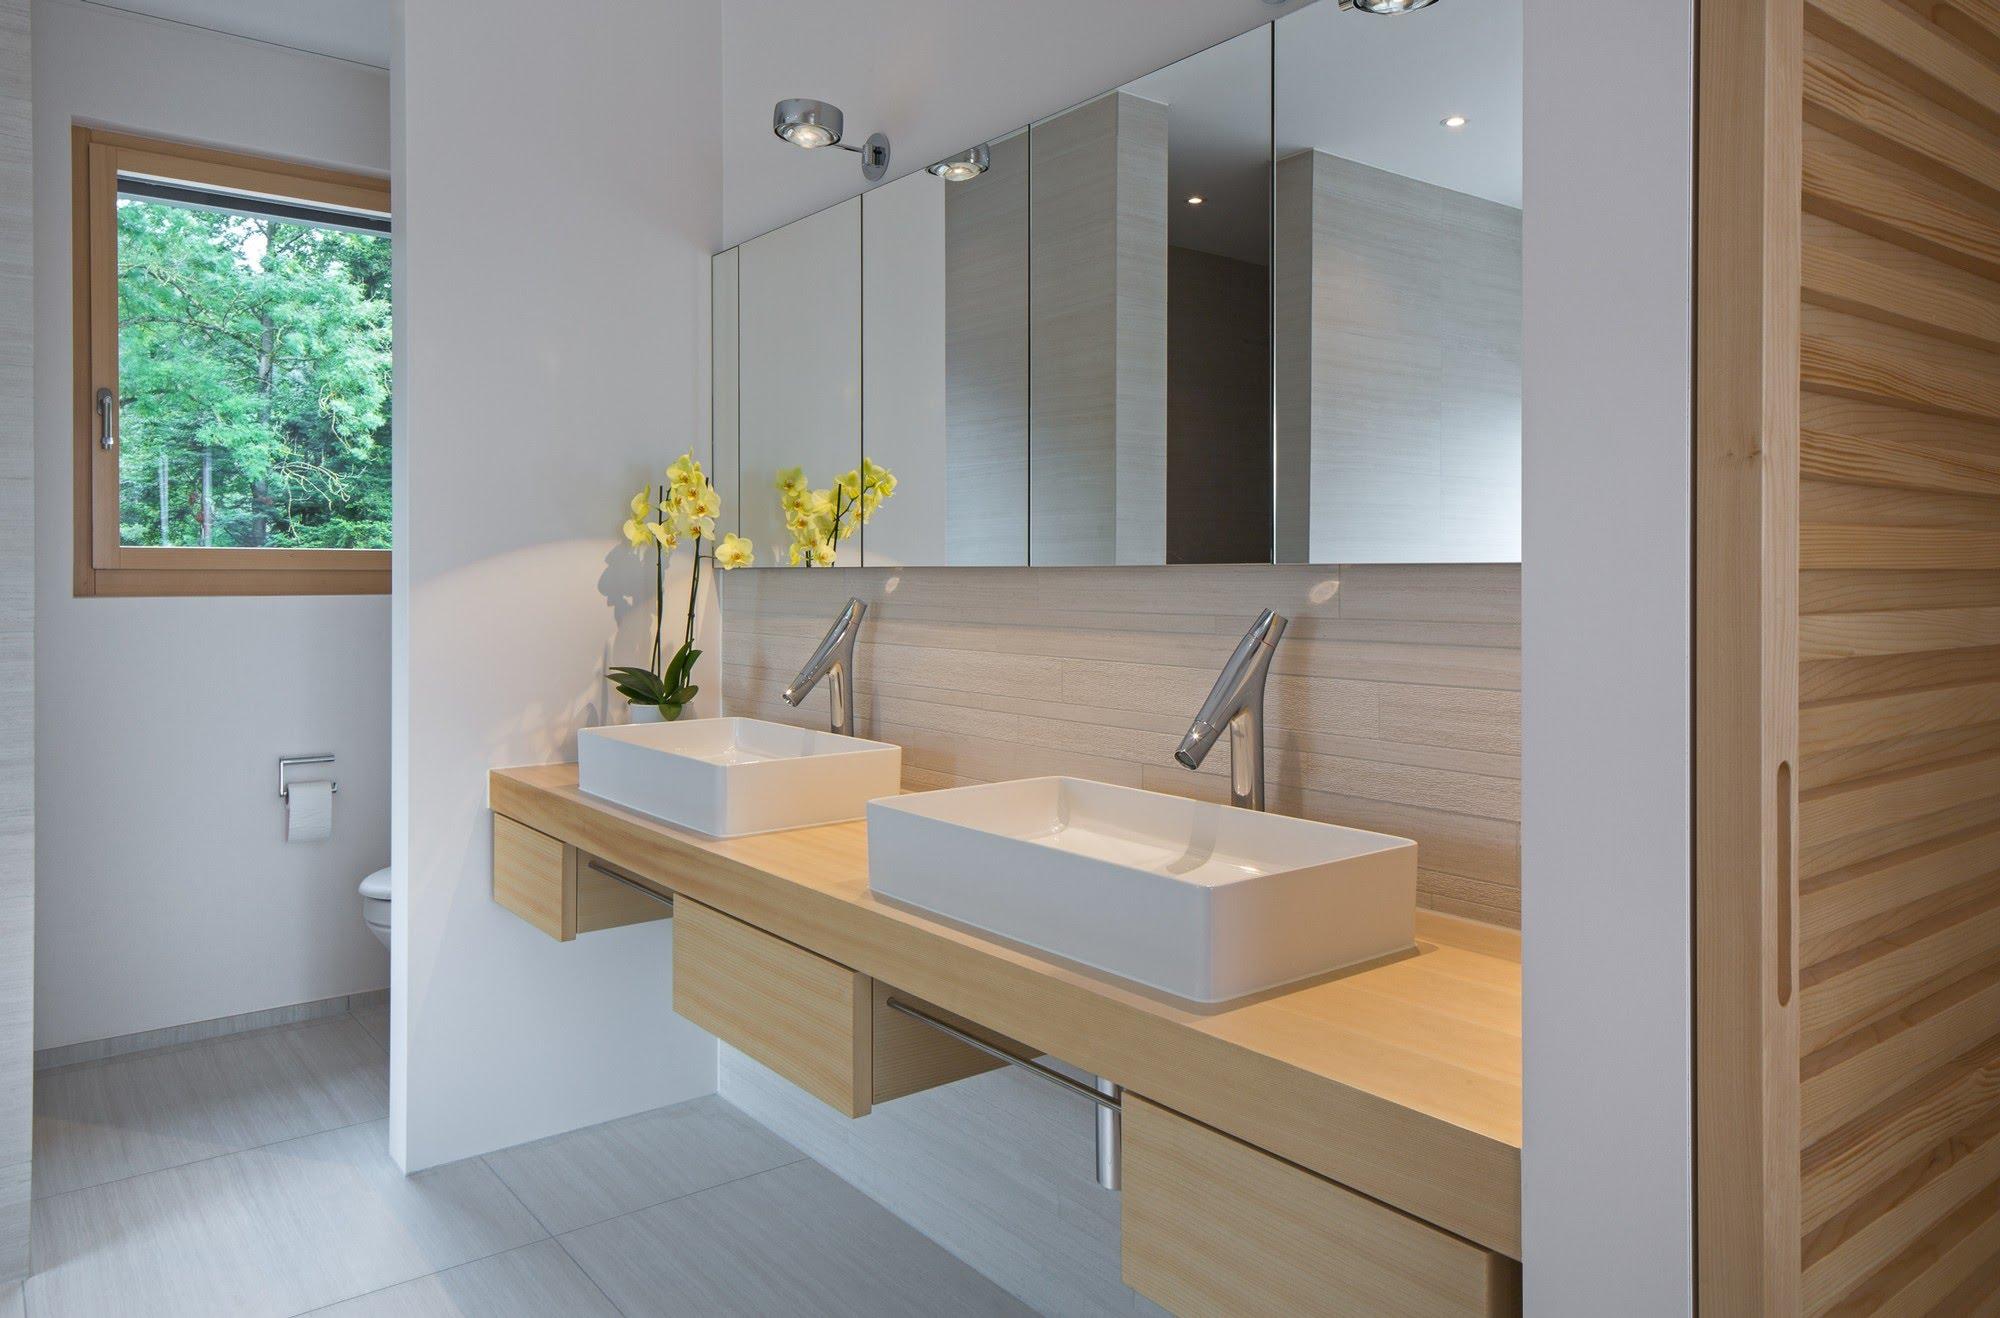 Wohnen MFH 4 MFH Striegelhöhe in Schenkon Architektur,Wohnungsbau,Wohnhäuser,Einfamilienhäuser,Mehrfamilienhäuser